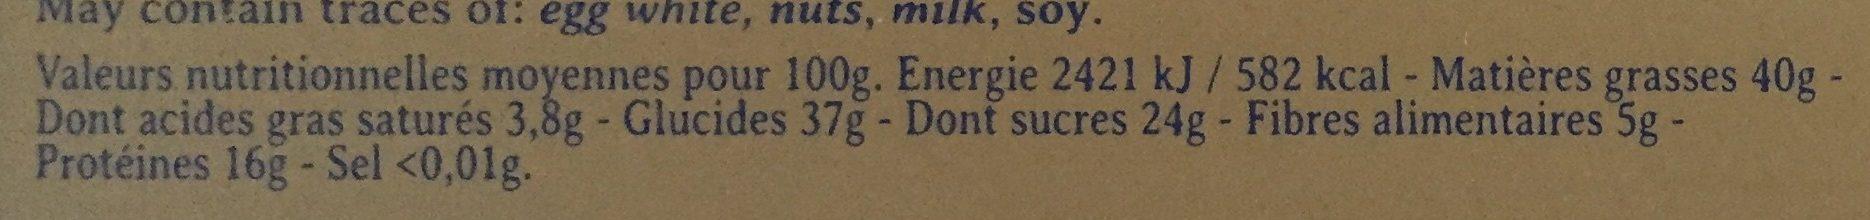 Nougat noir du roy rené - Informations nutritionnelles - fr